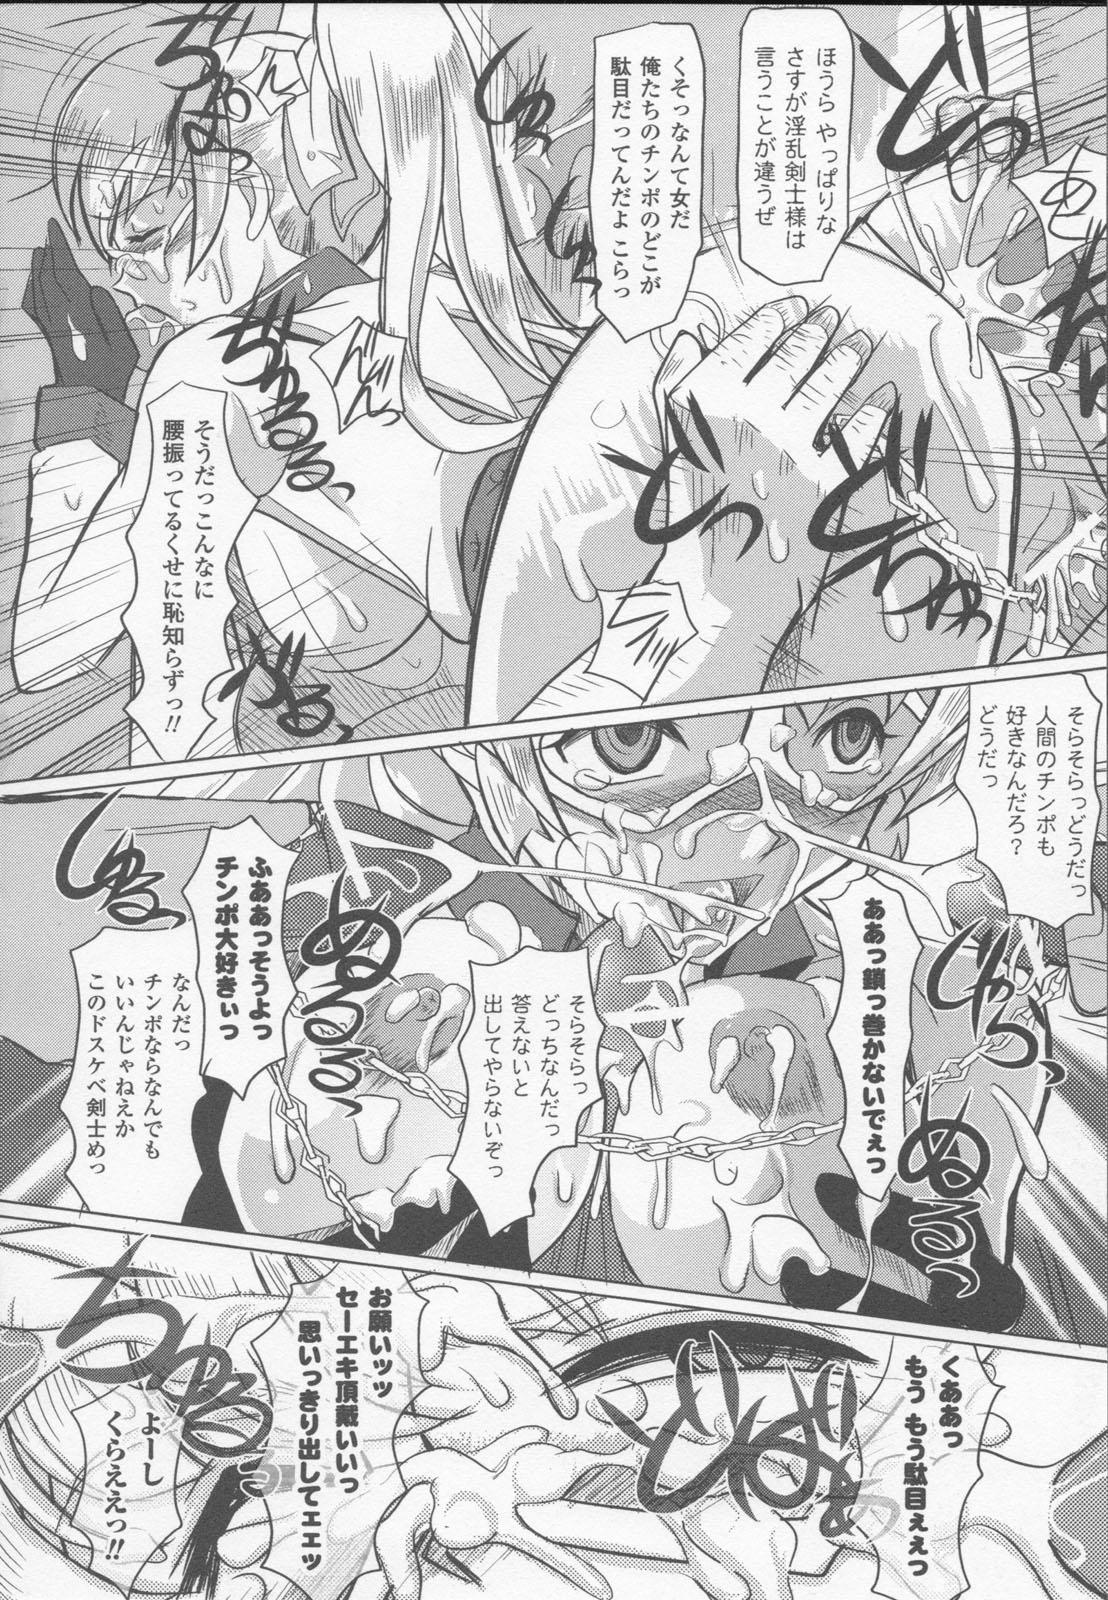 Shirayuri no Kenshi Anthology Comics 127